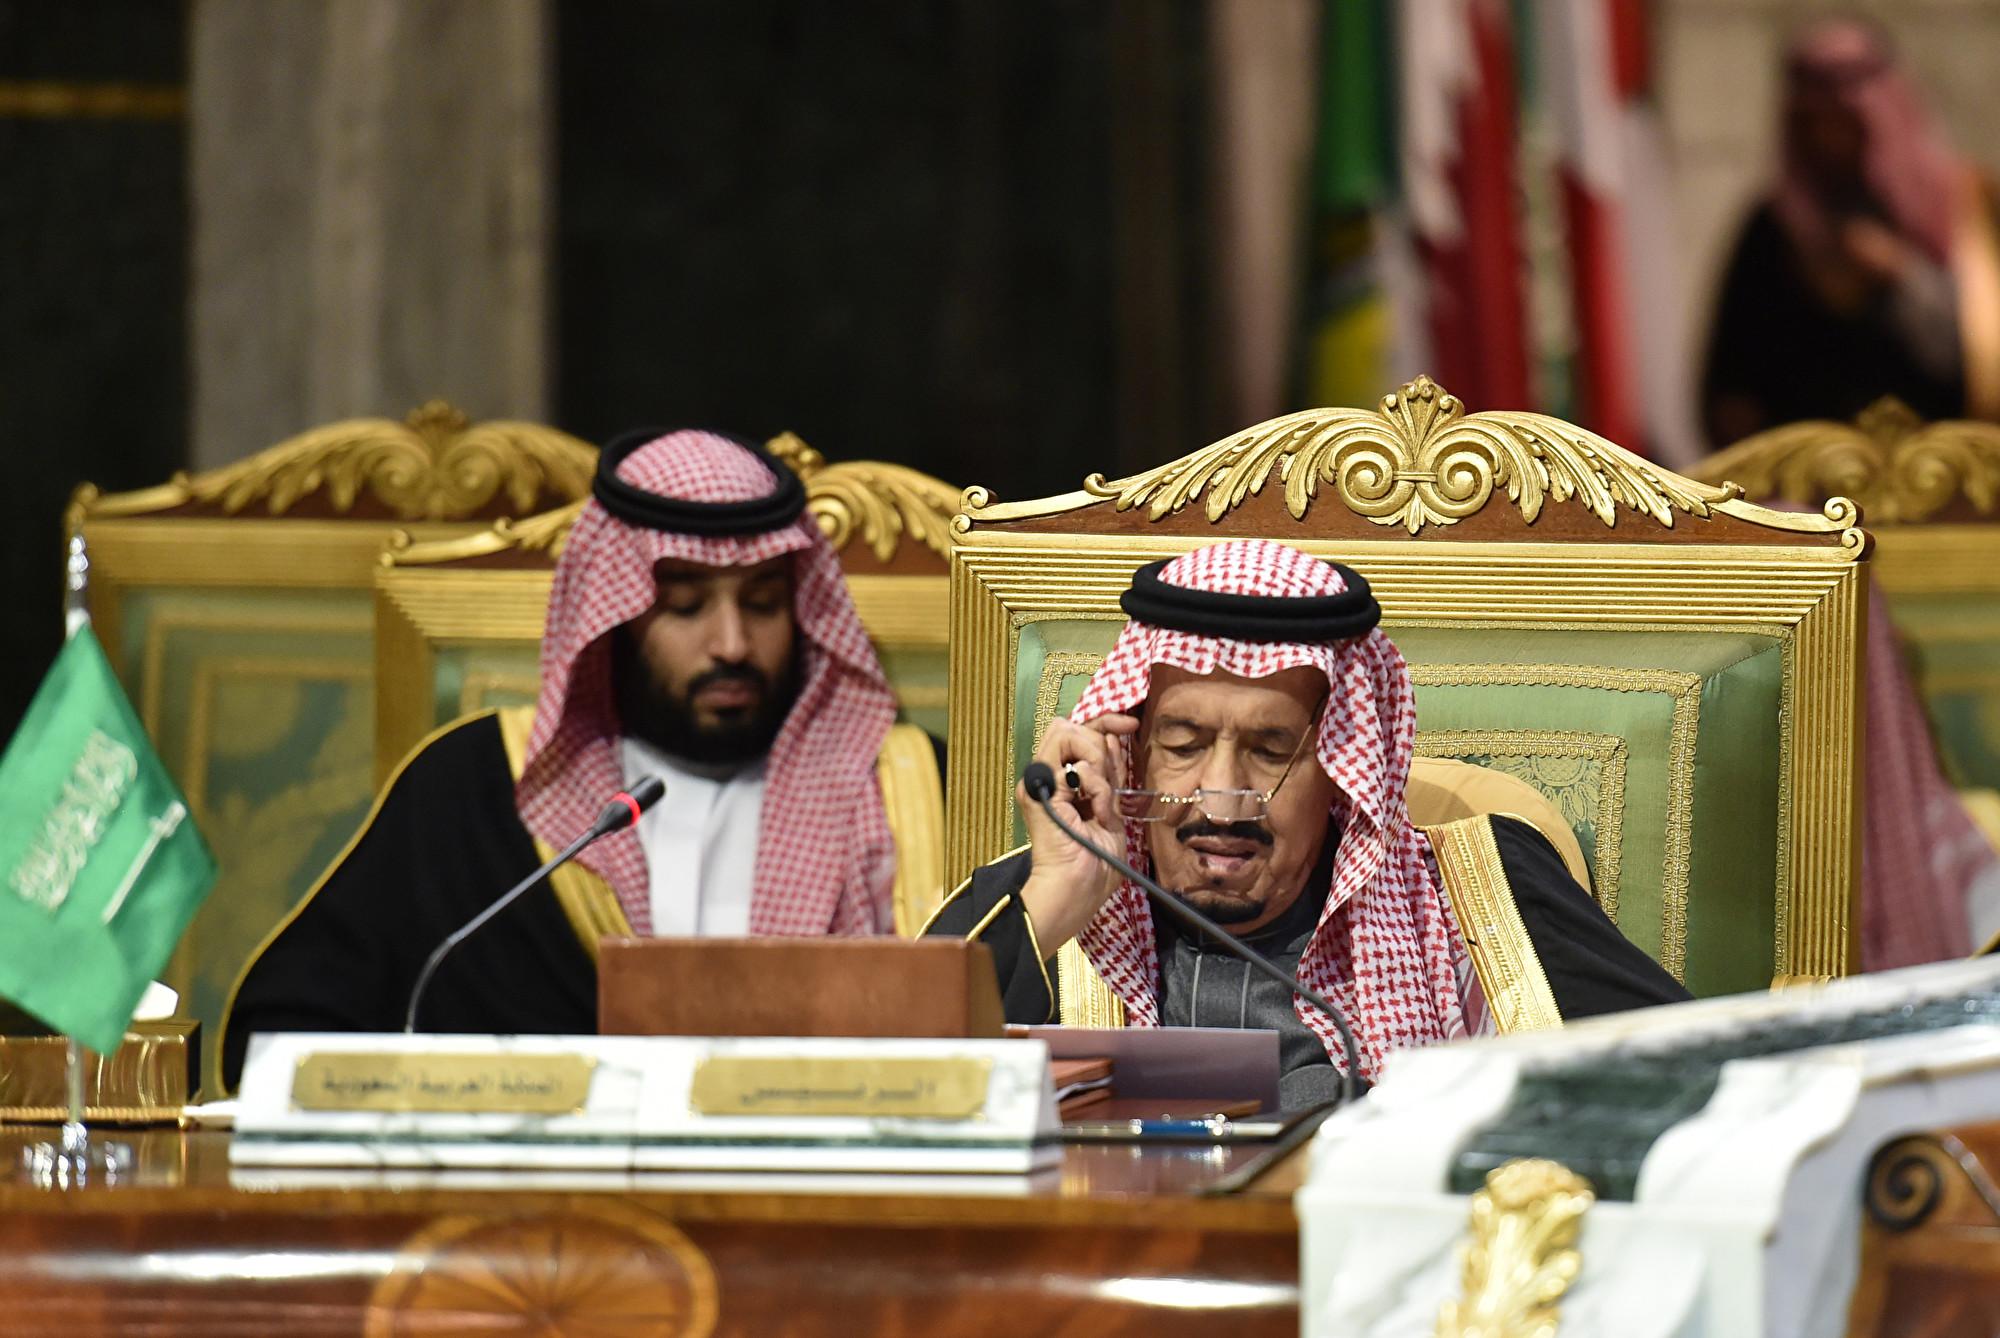 沙特王室現疫情 一百五十名成員染病 親王重症